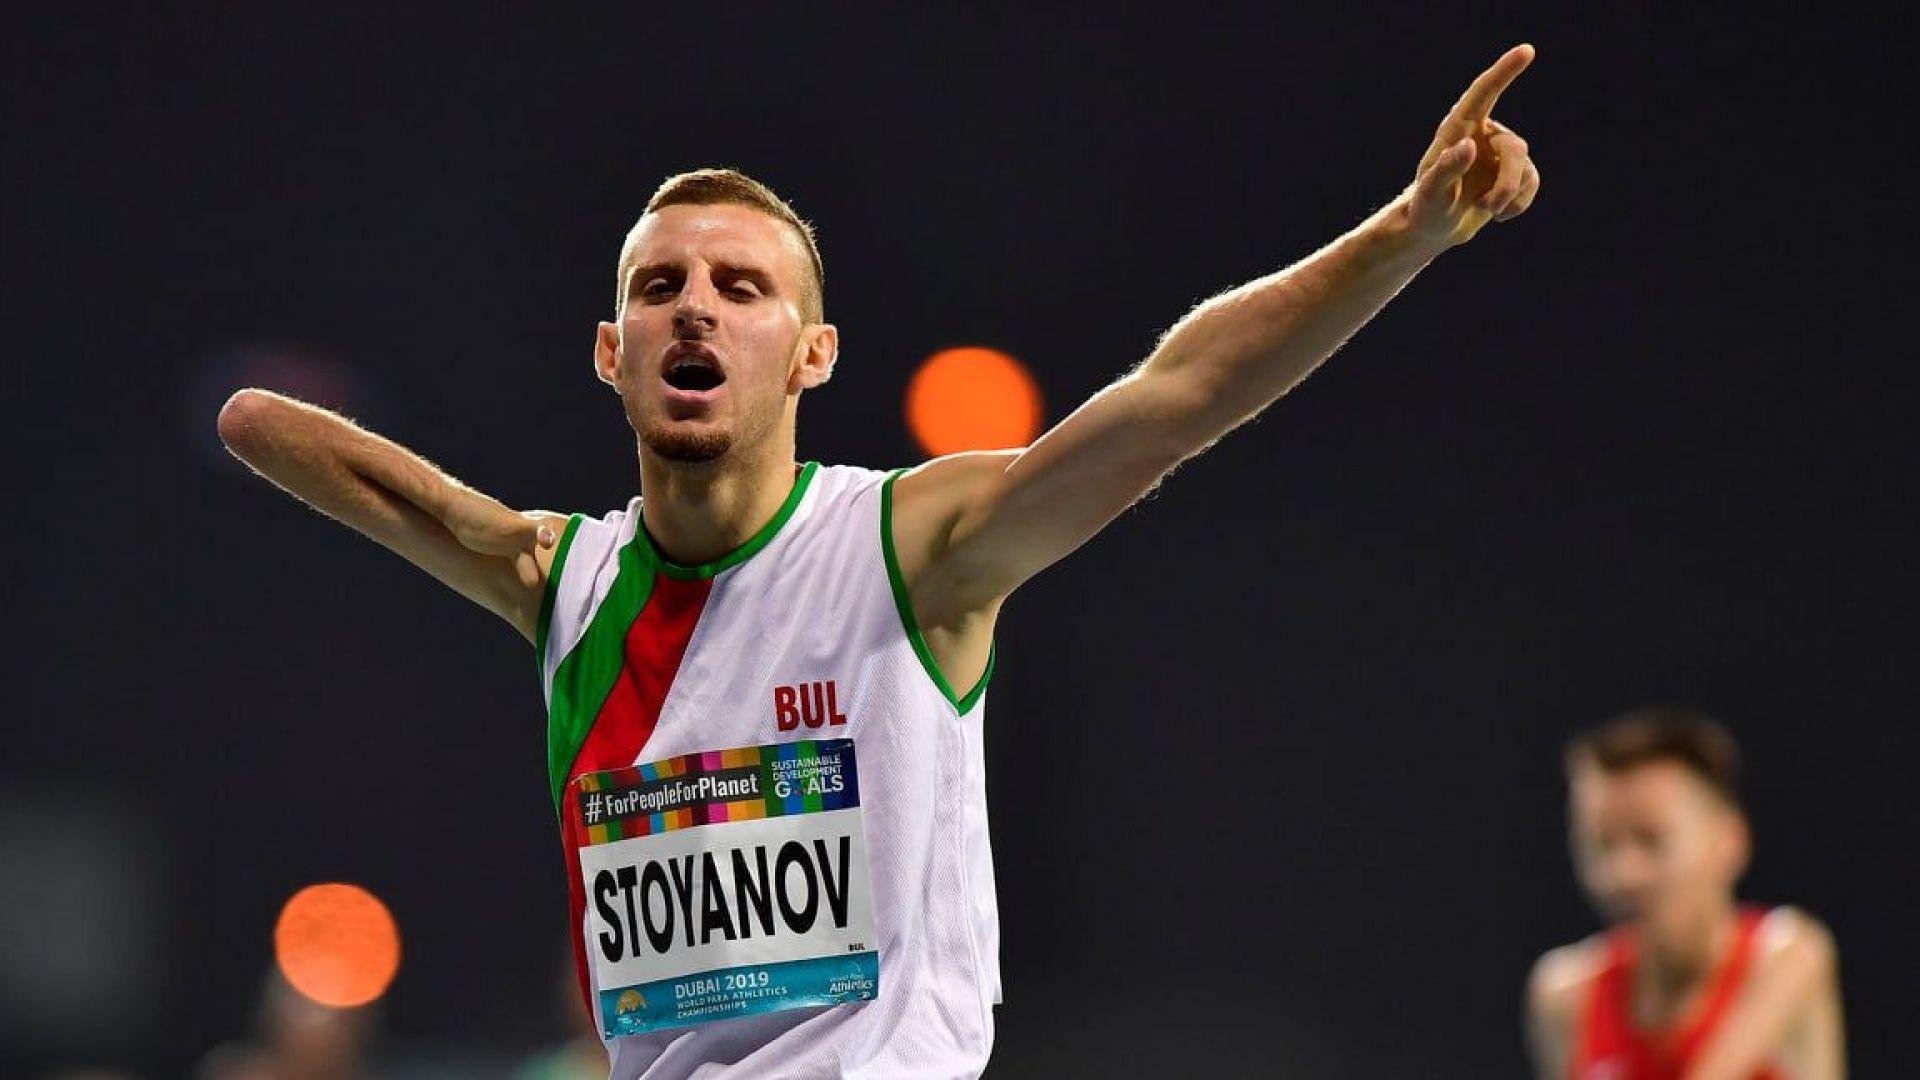 Християн Стоянов донесе втори медал за България от Параолимпиадата